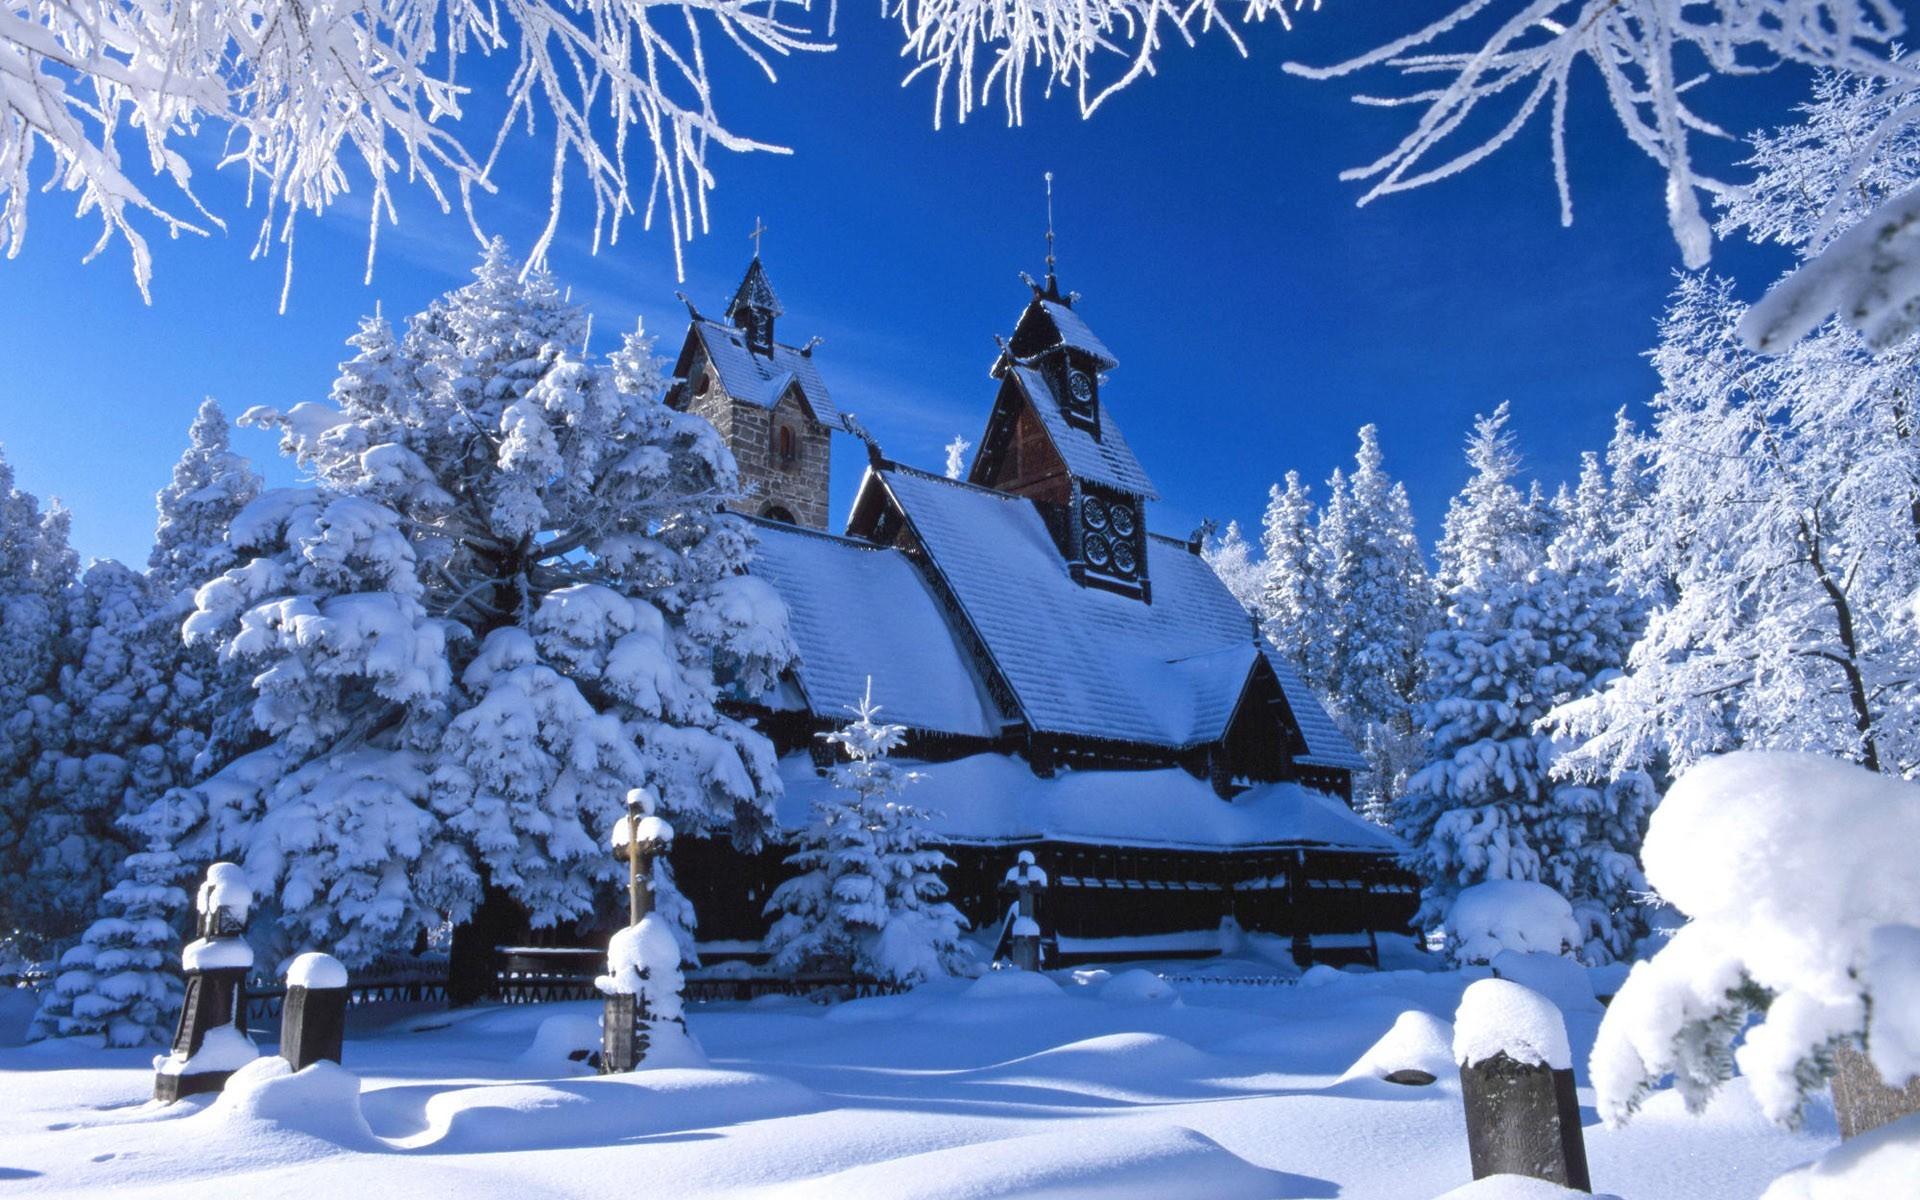 20652 скачать обои Пейзаж, Зима, Архитектура, Снег - заставки и картинки бесплатно